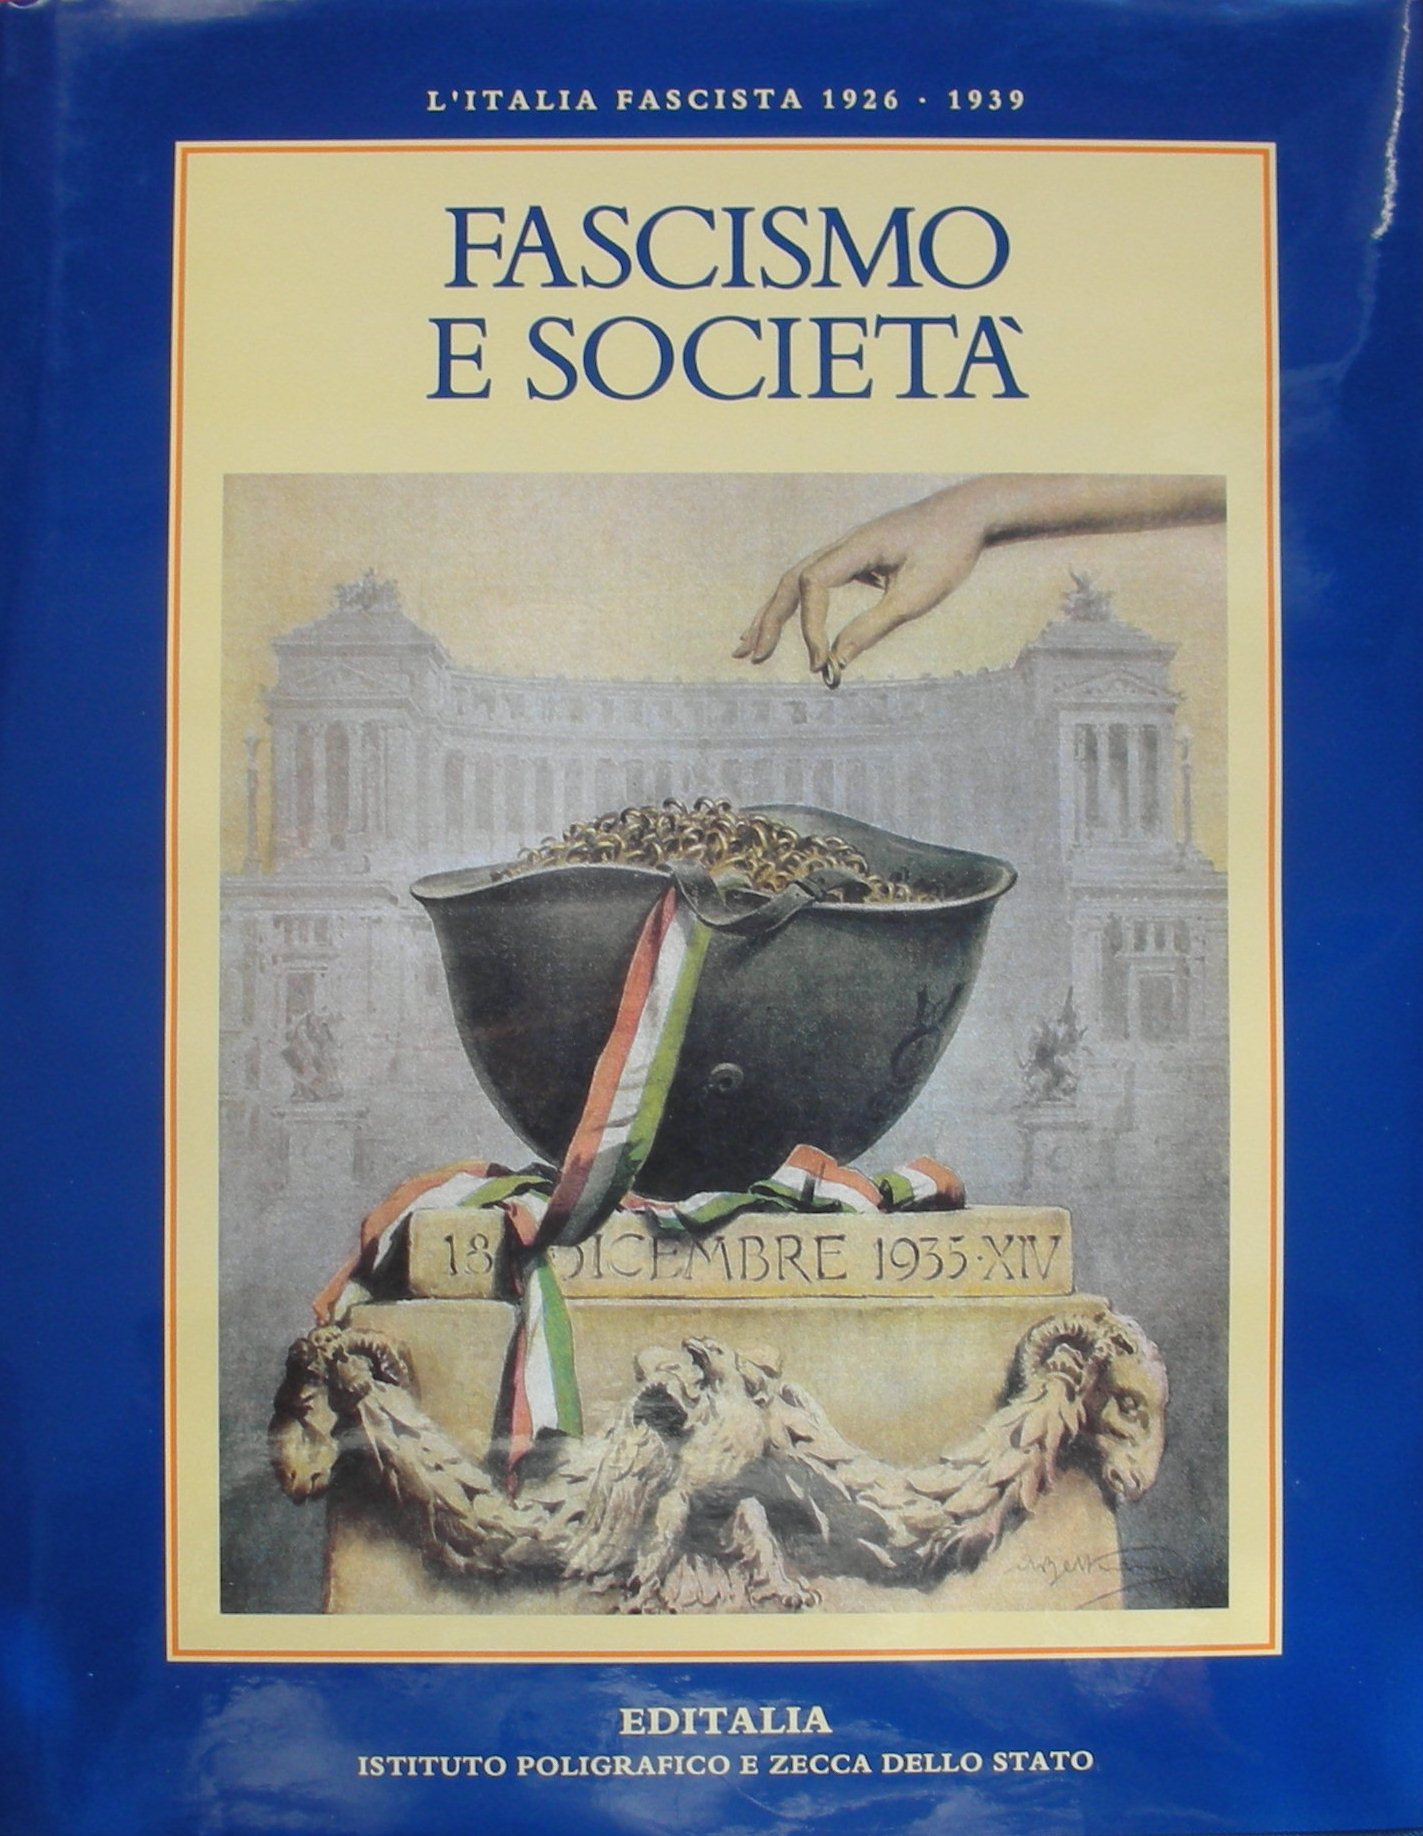 Fascismo e società